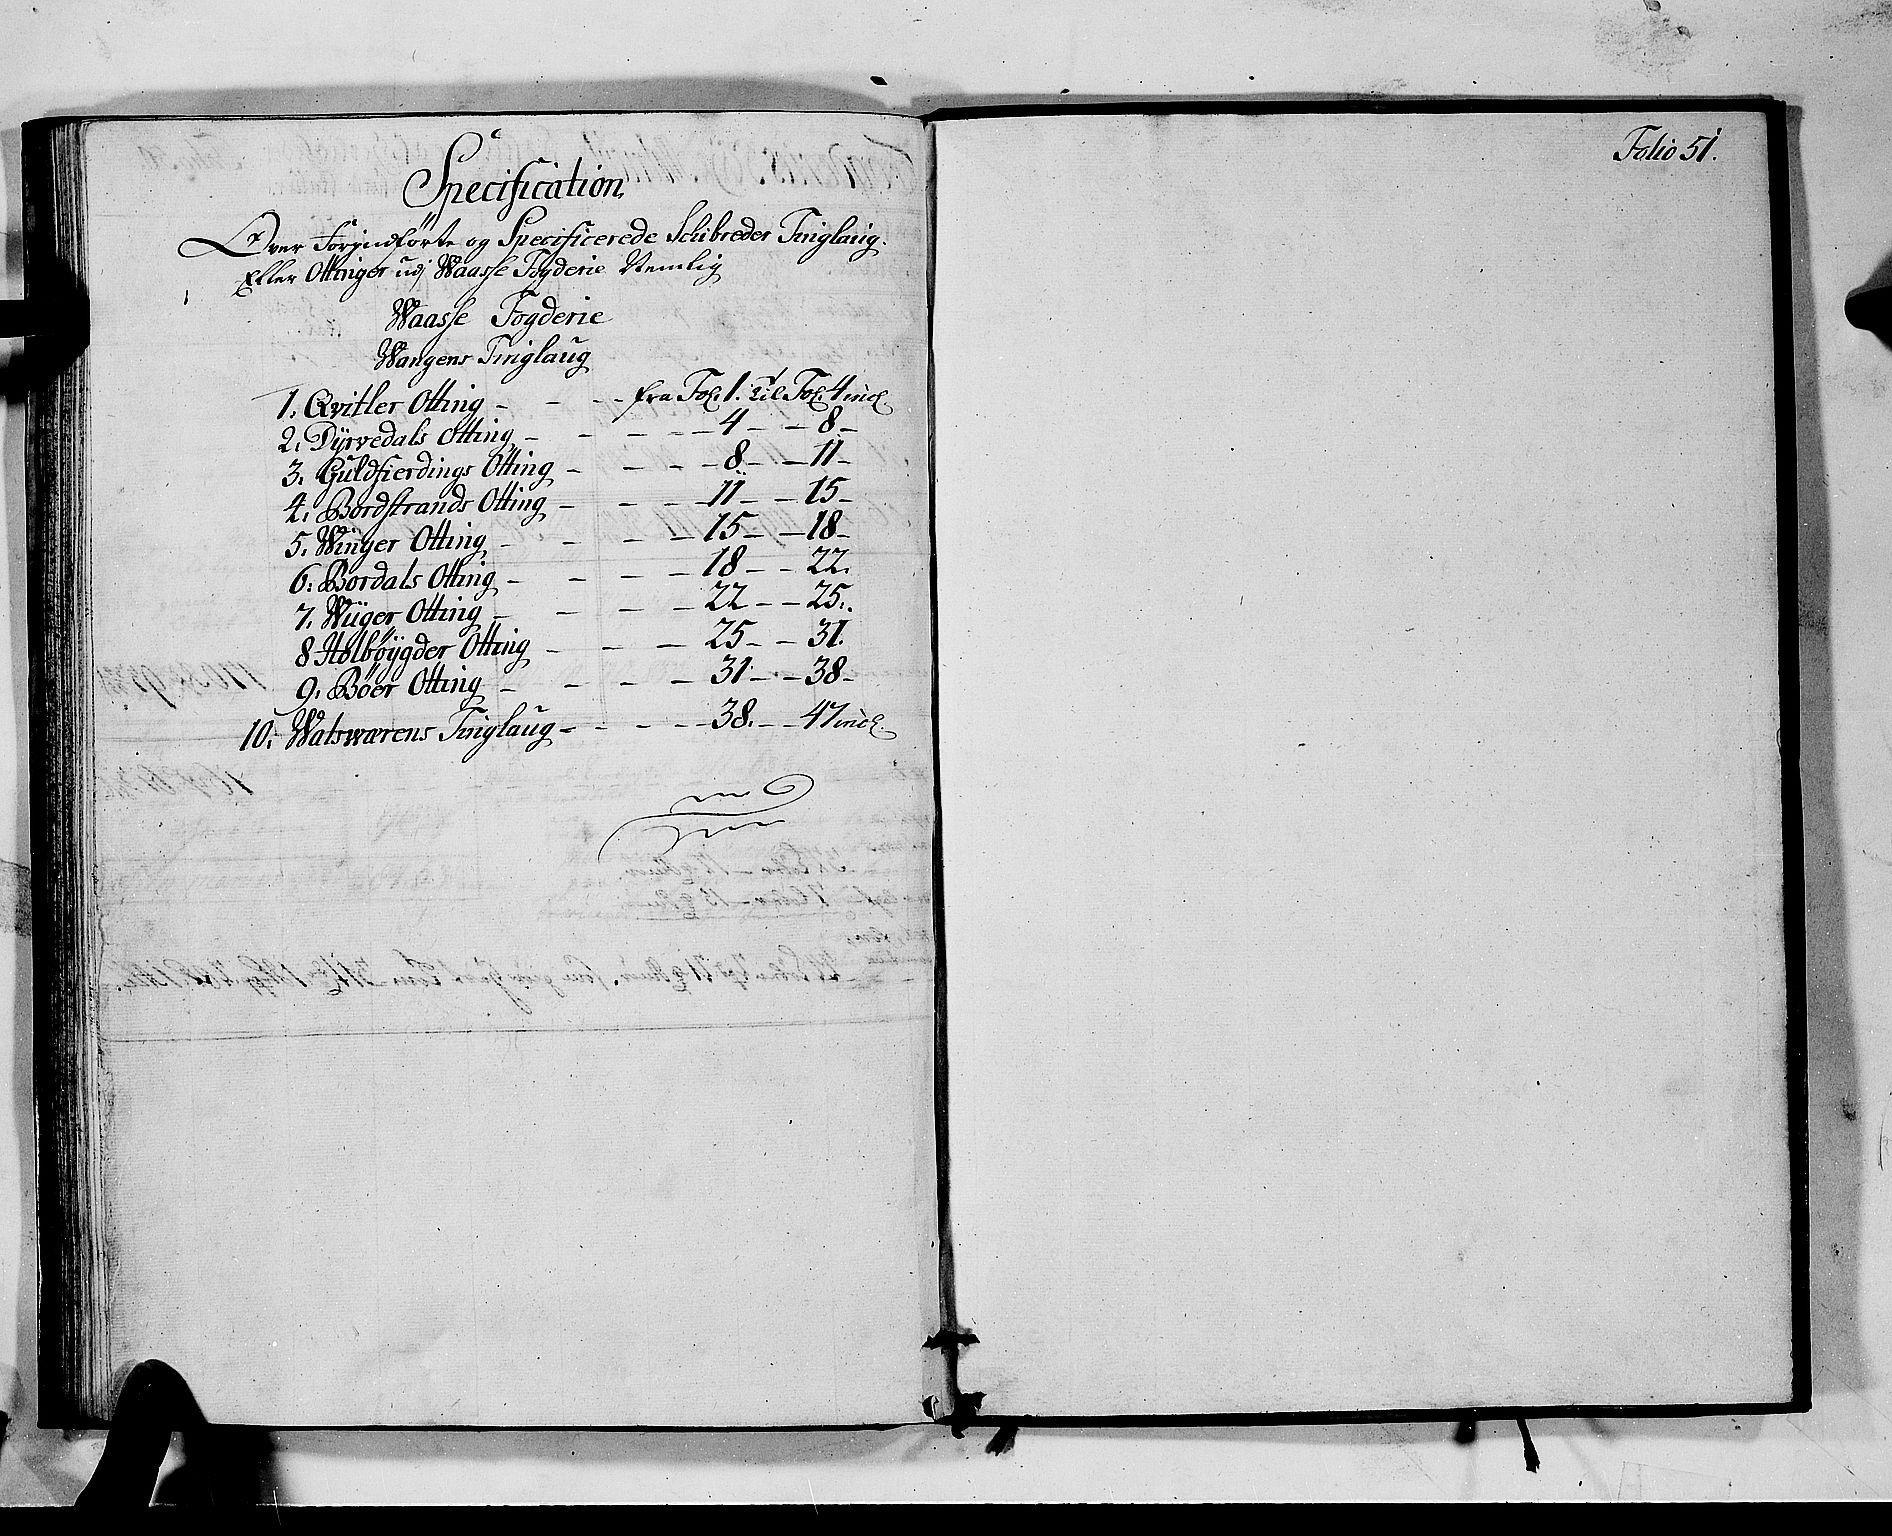 RA, Rentekammeret inntil 1814, Realistisk ordnet avdeling, N/Nb/Nbf/L0142: Voss matrikkelprotokoll, 1723, s. 50b-51a